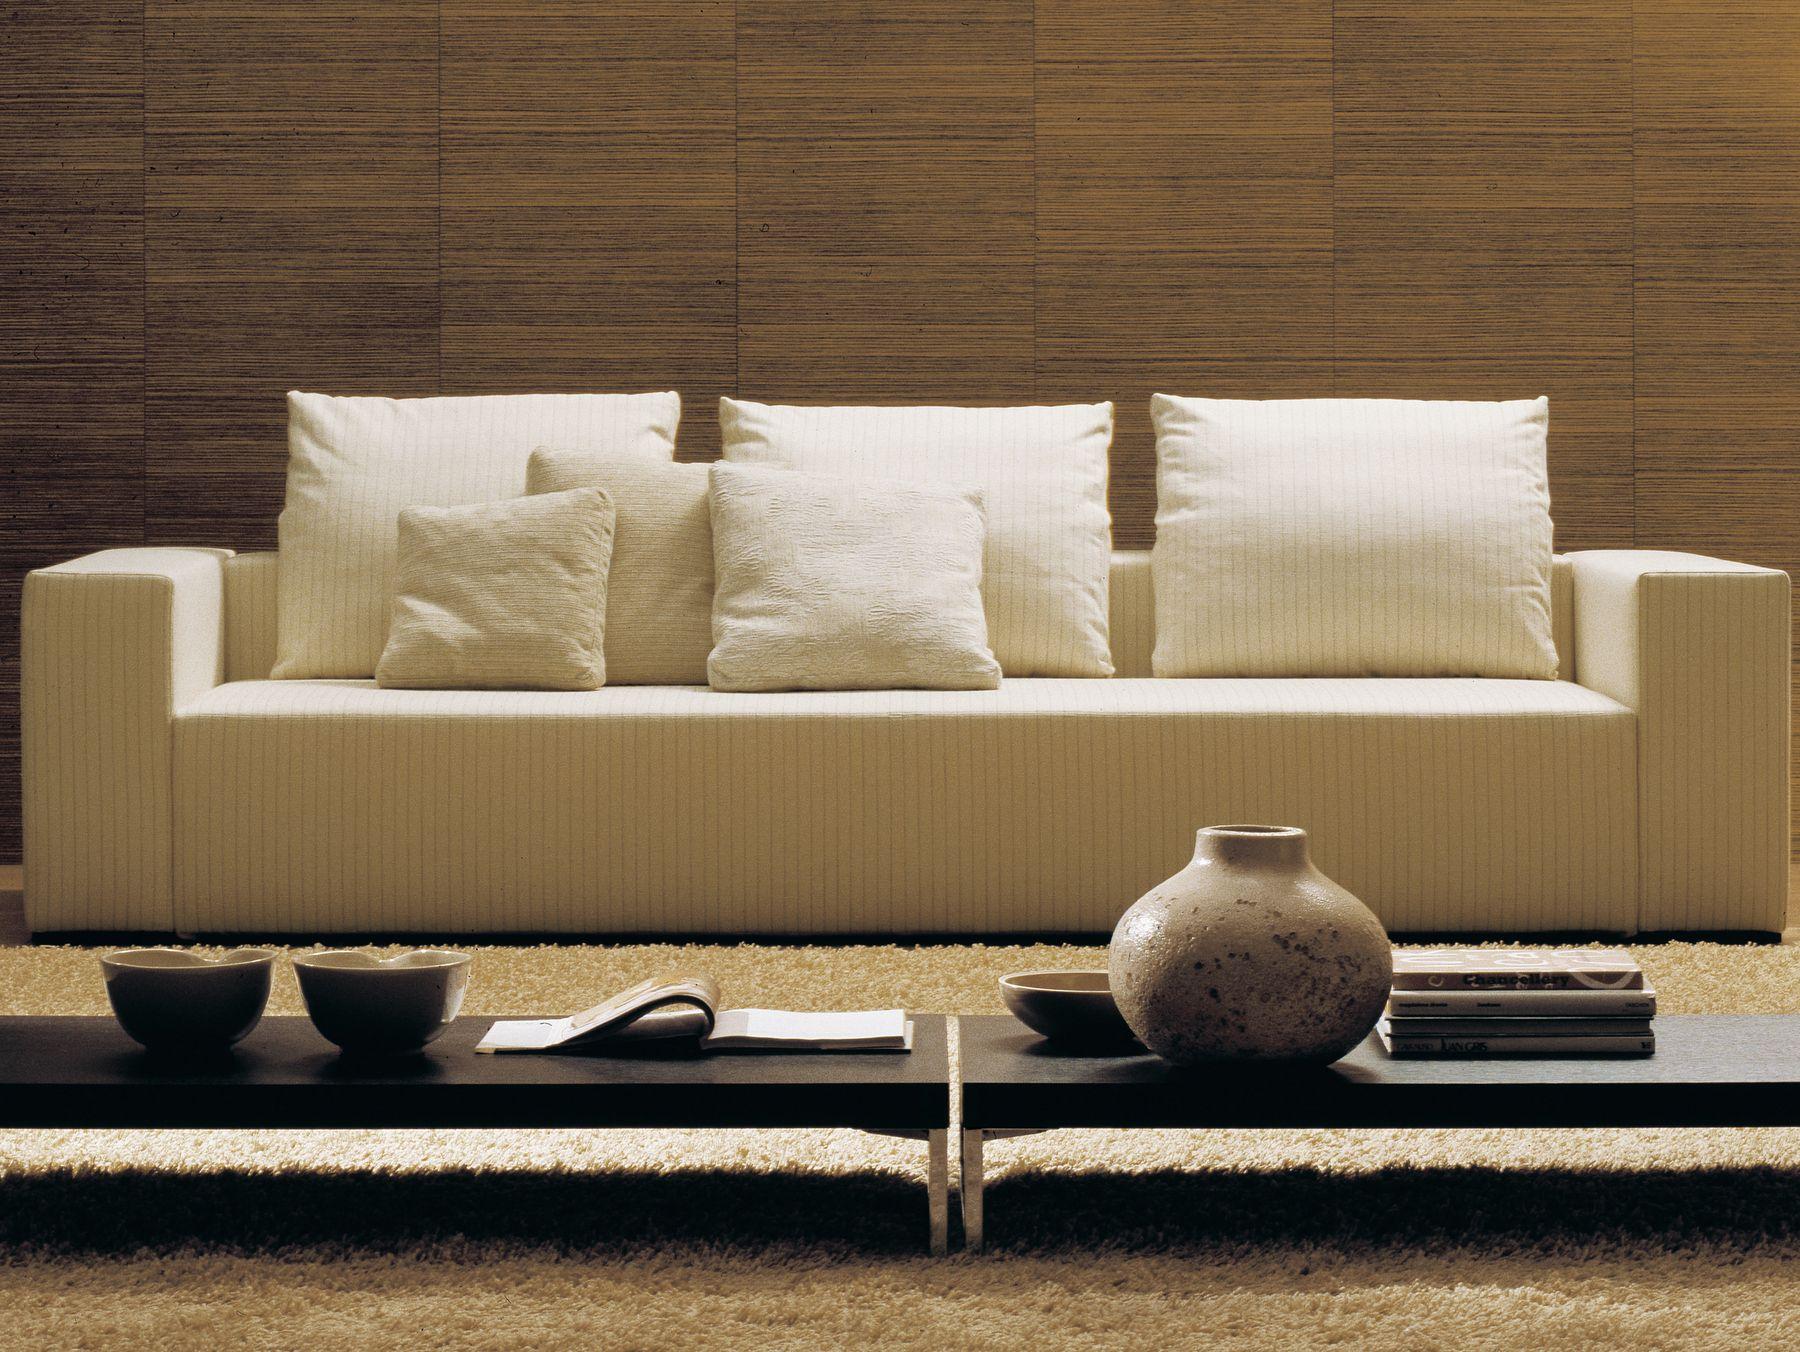 Popper divano a 3 posti by bontempi casa design lino codato - Divano popper bontempi ...